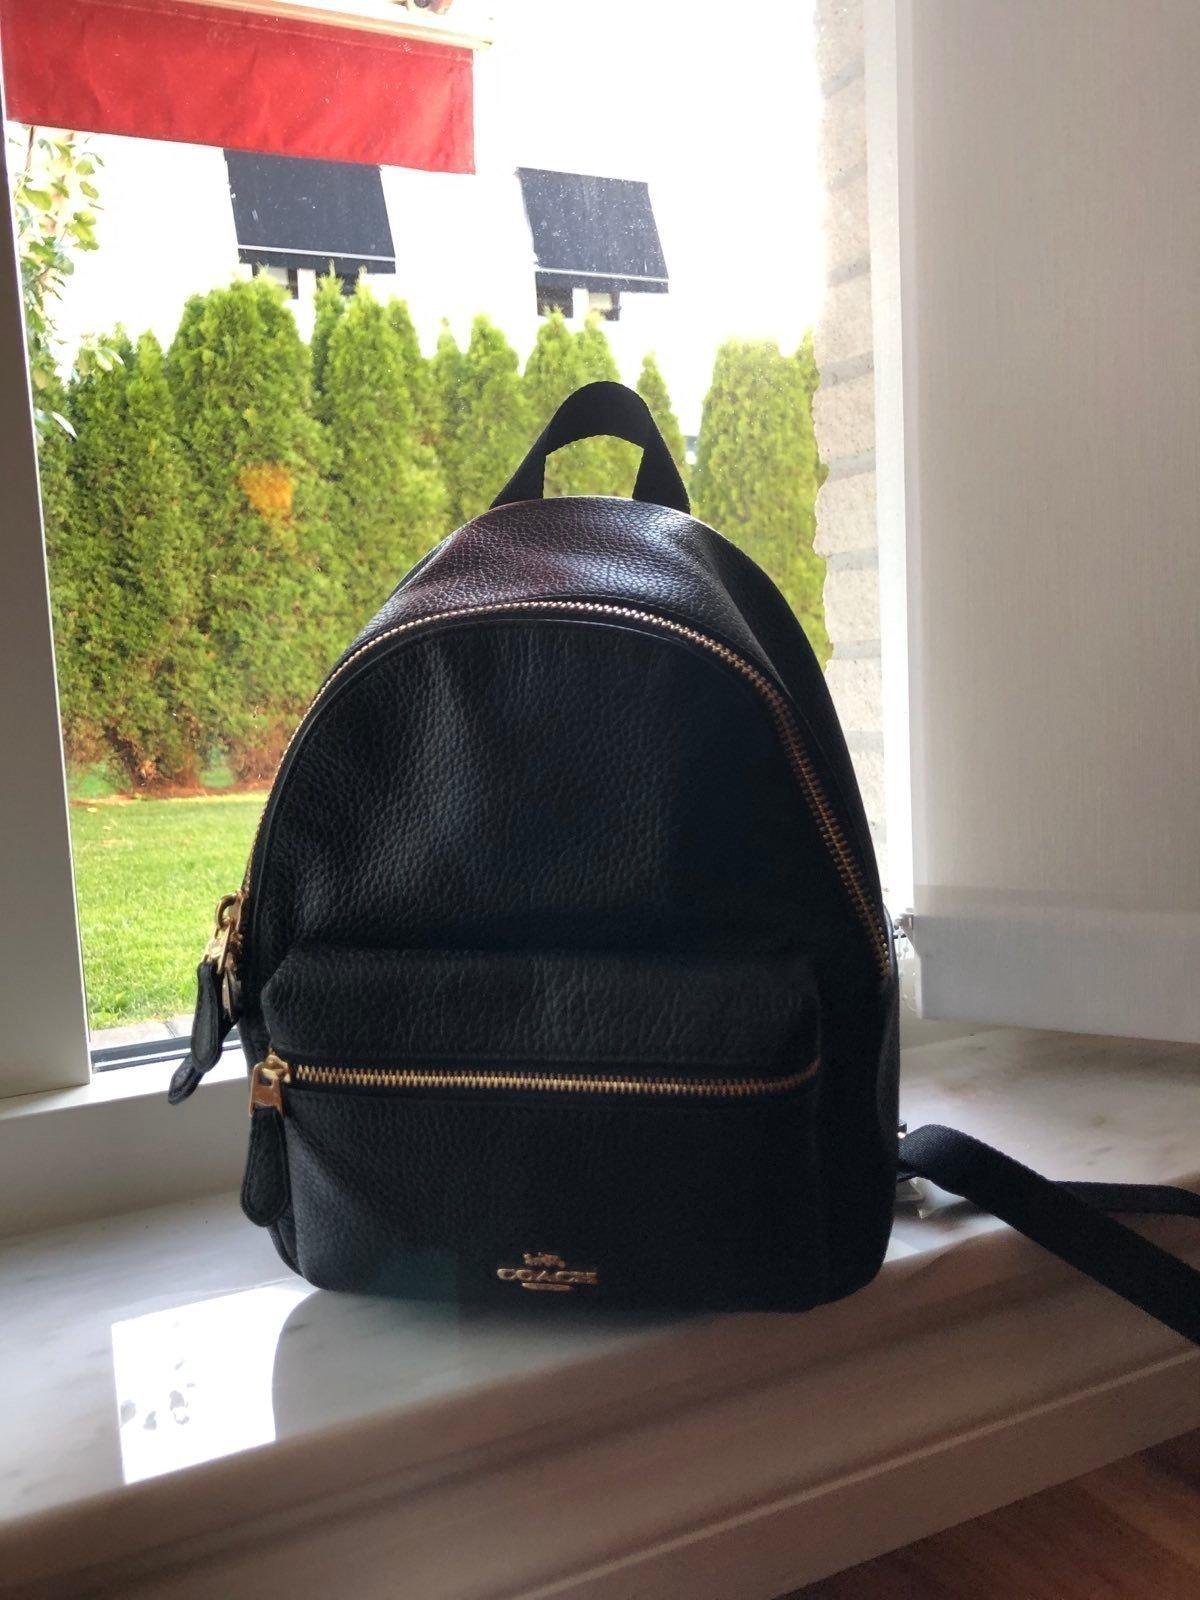 Coach väska ryggsäckaxelremsväska (415345019) ᐈ Köp på